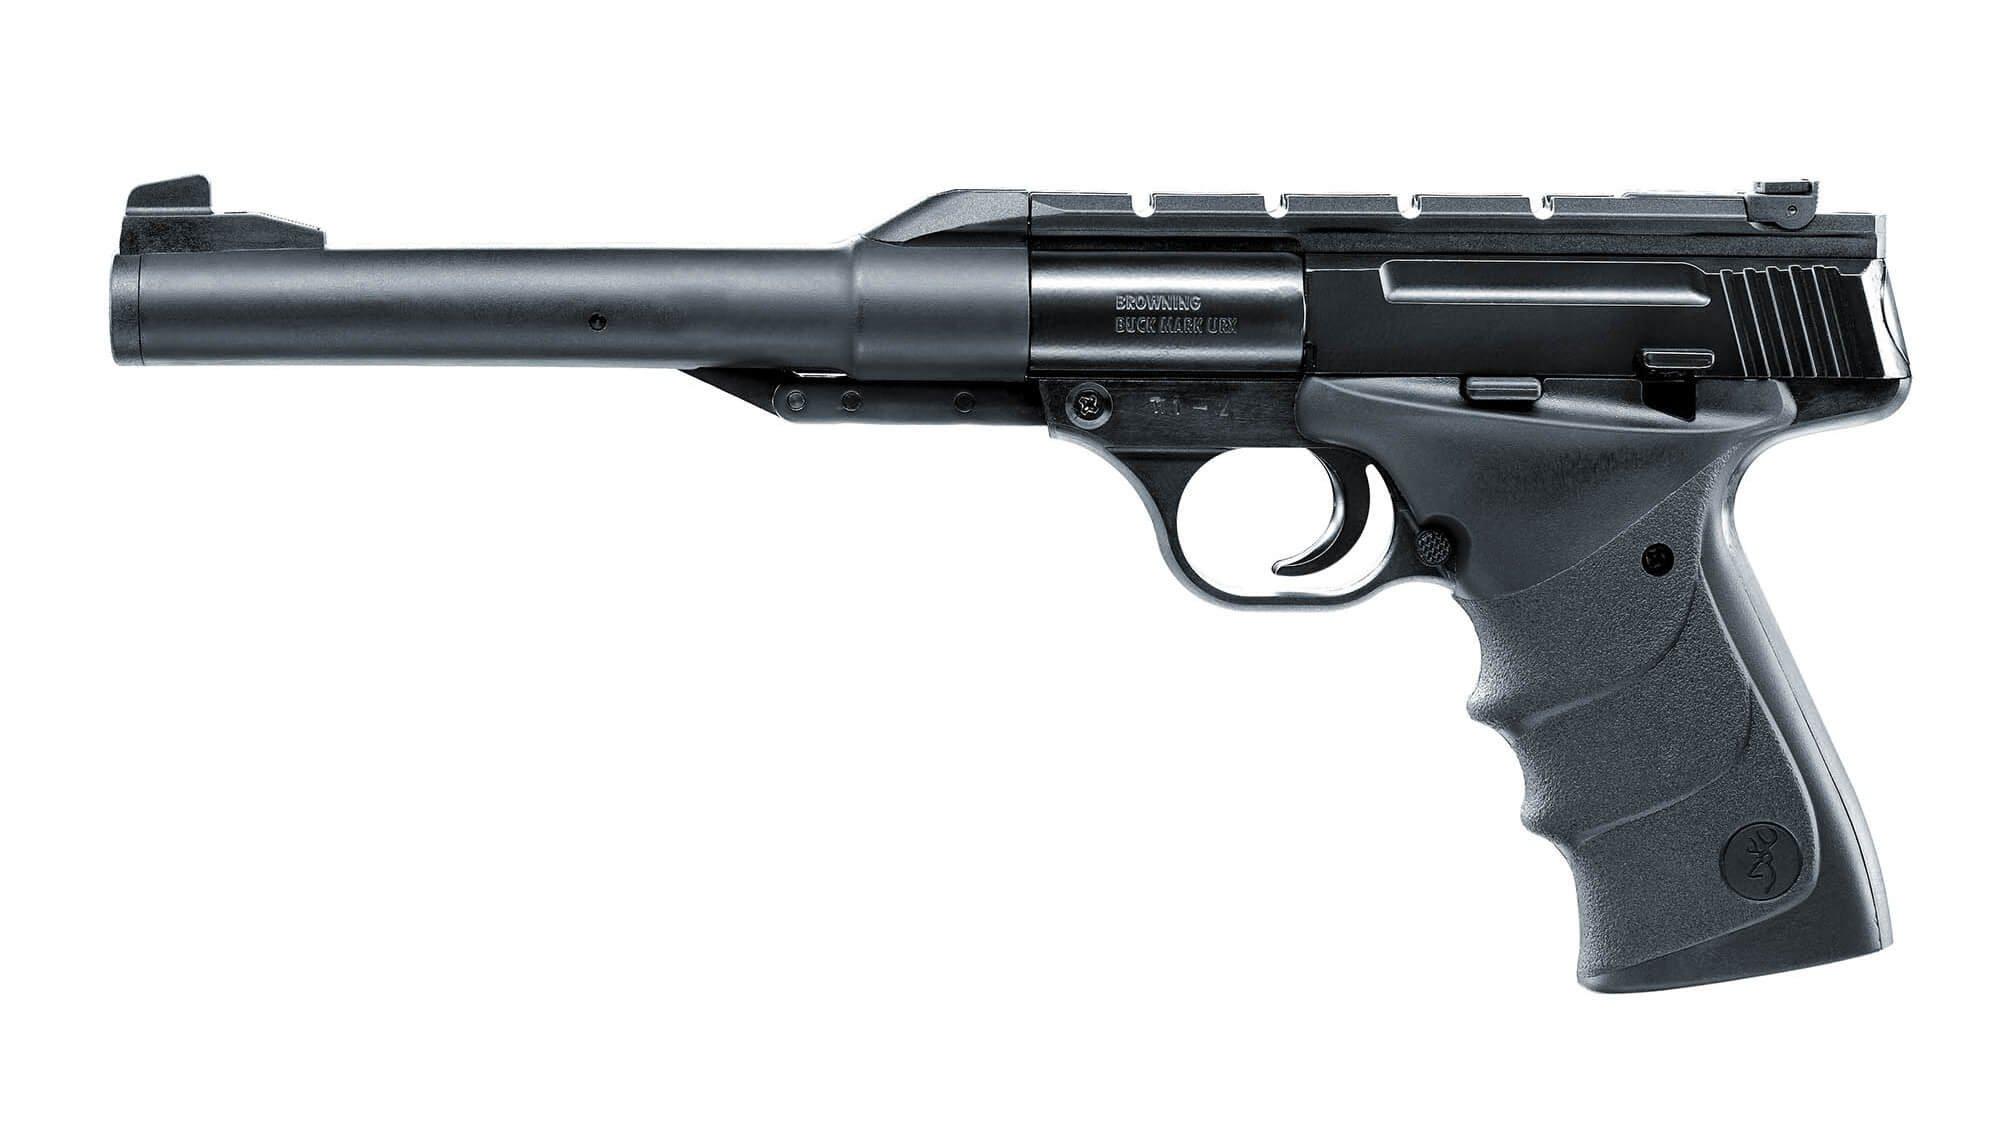 Browning Buck Mark URX Luftpistol, 4,5 mm